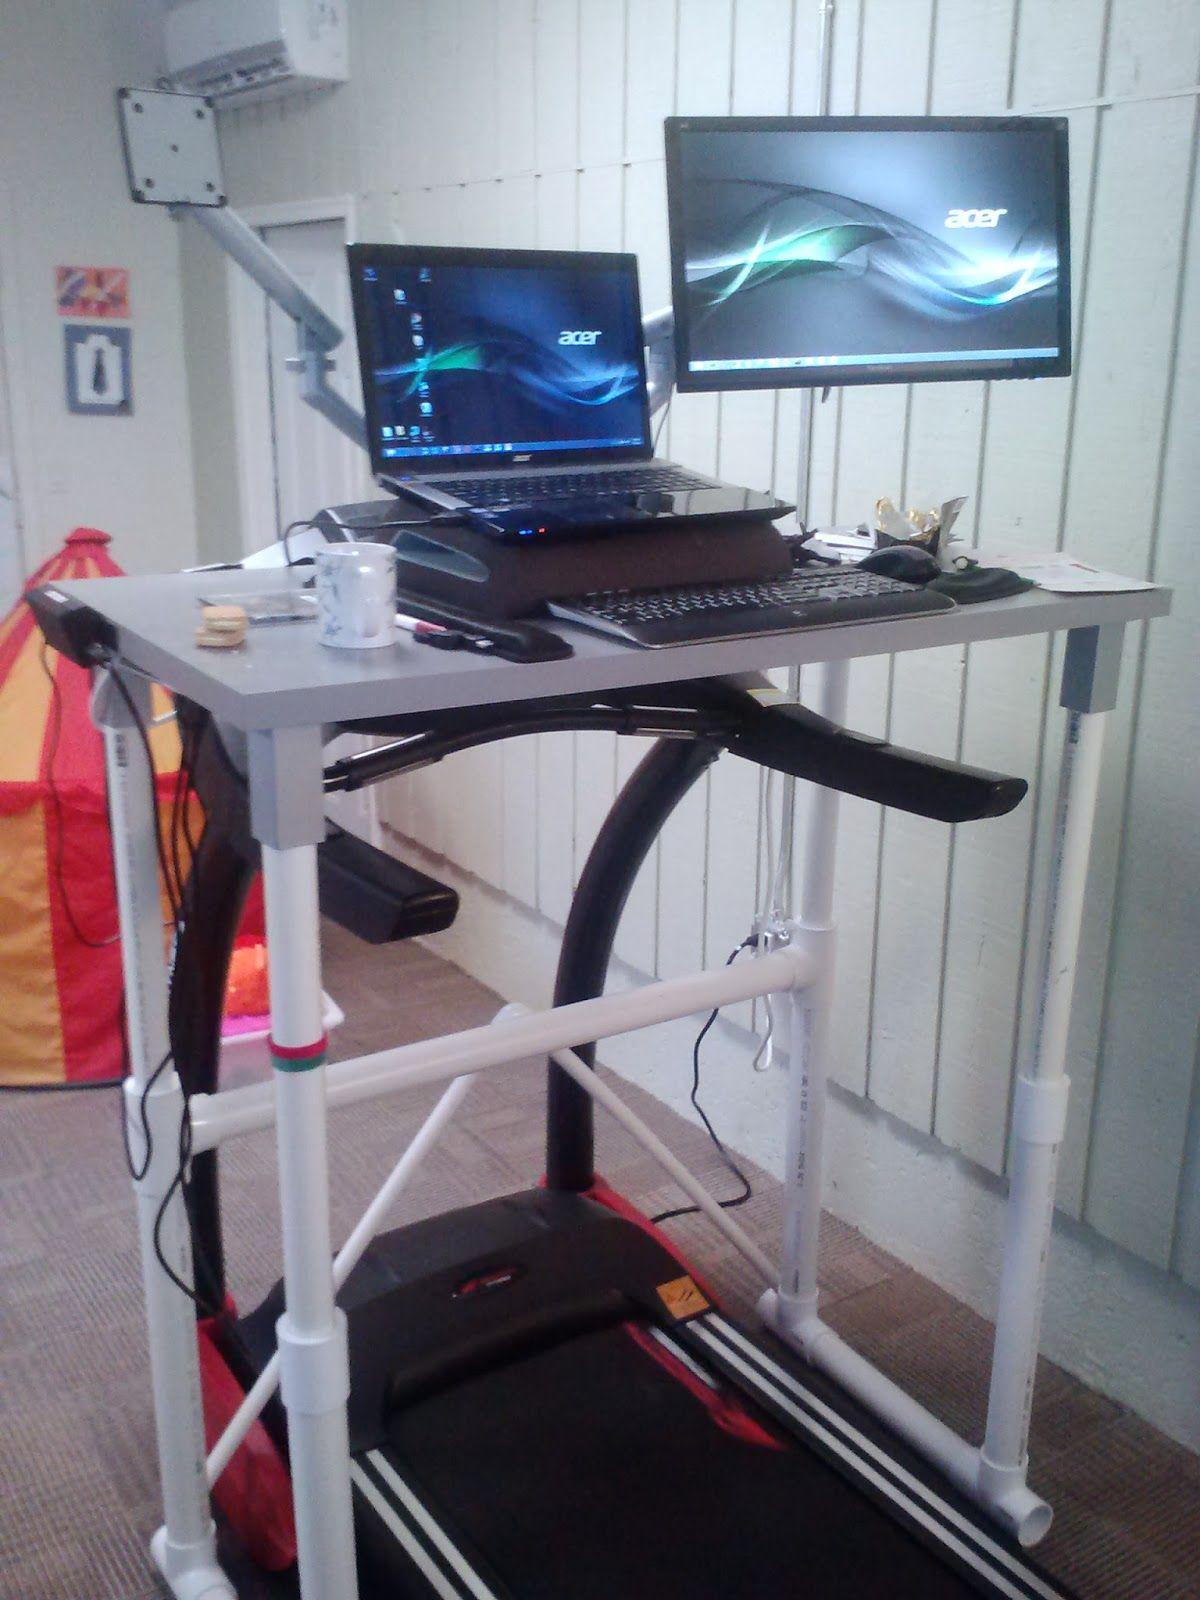 Diy pvcikea treadmill desk check out the latest version